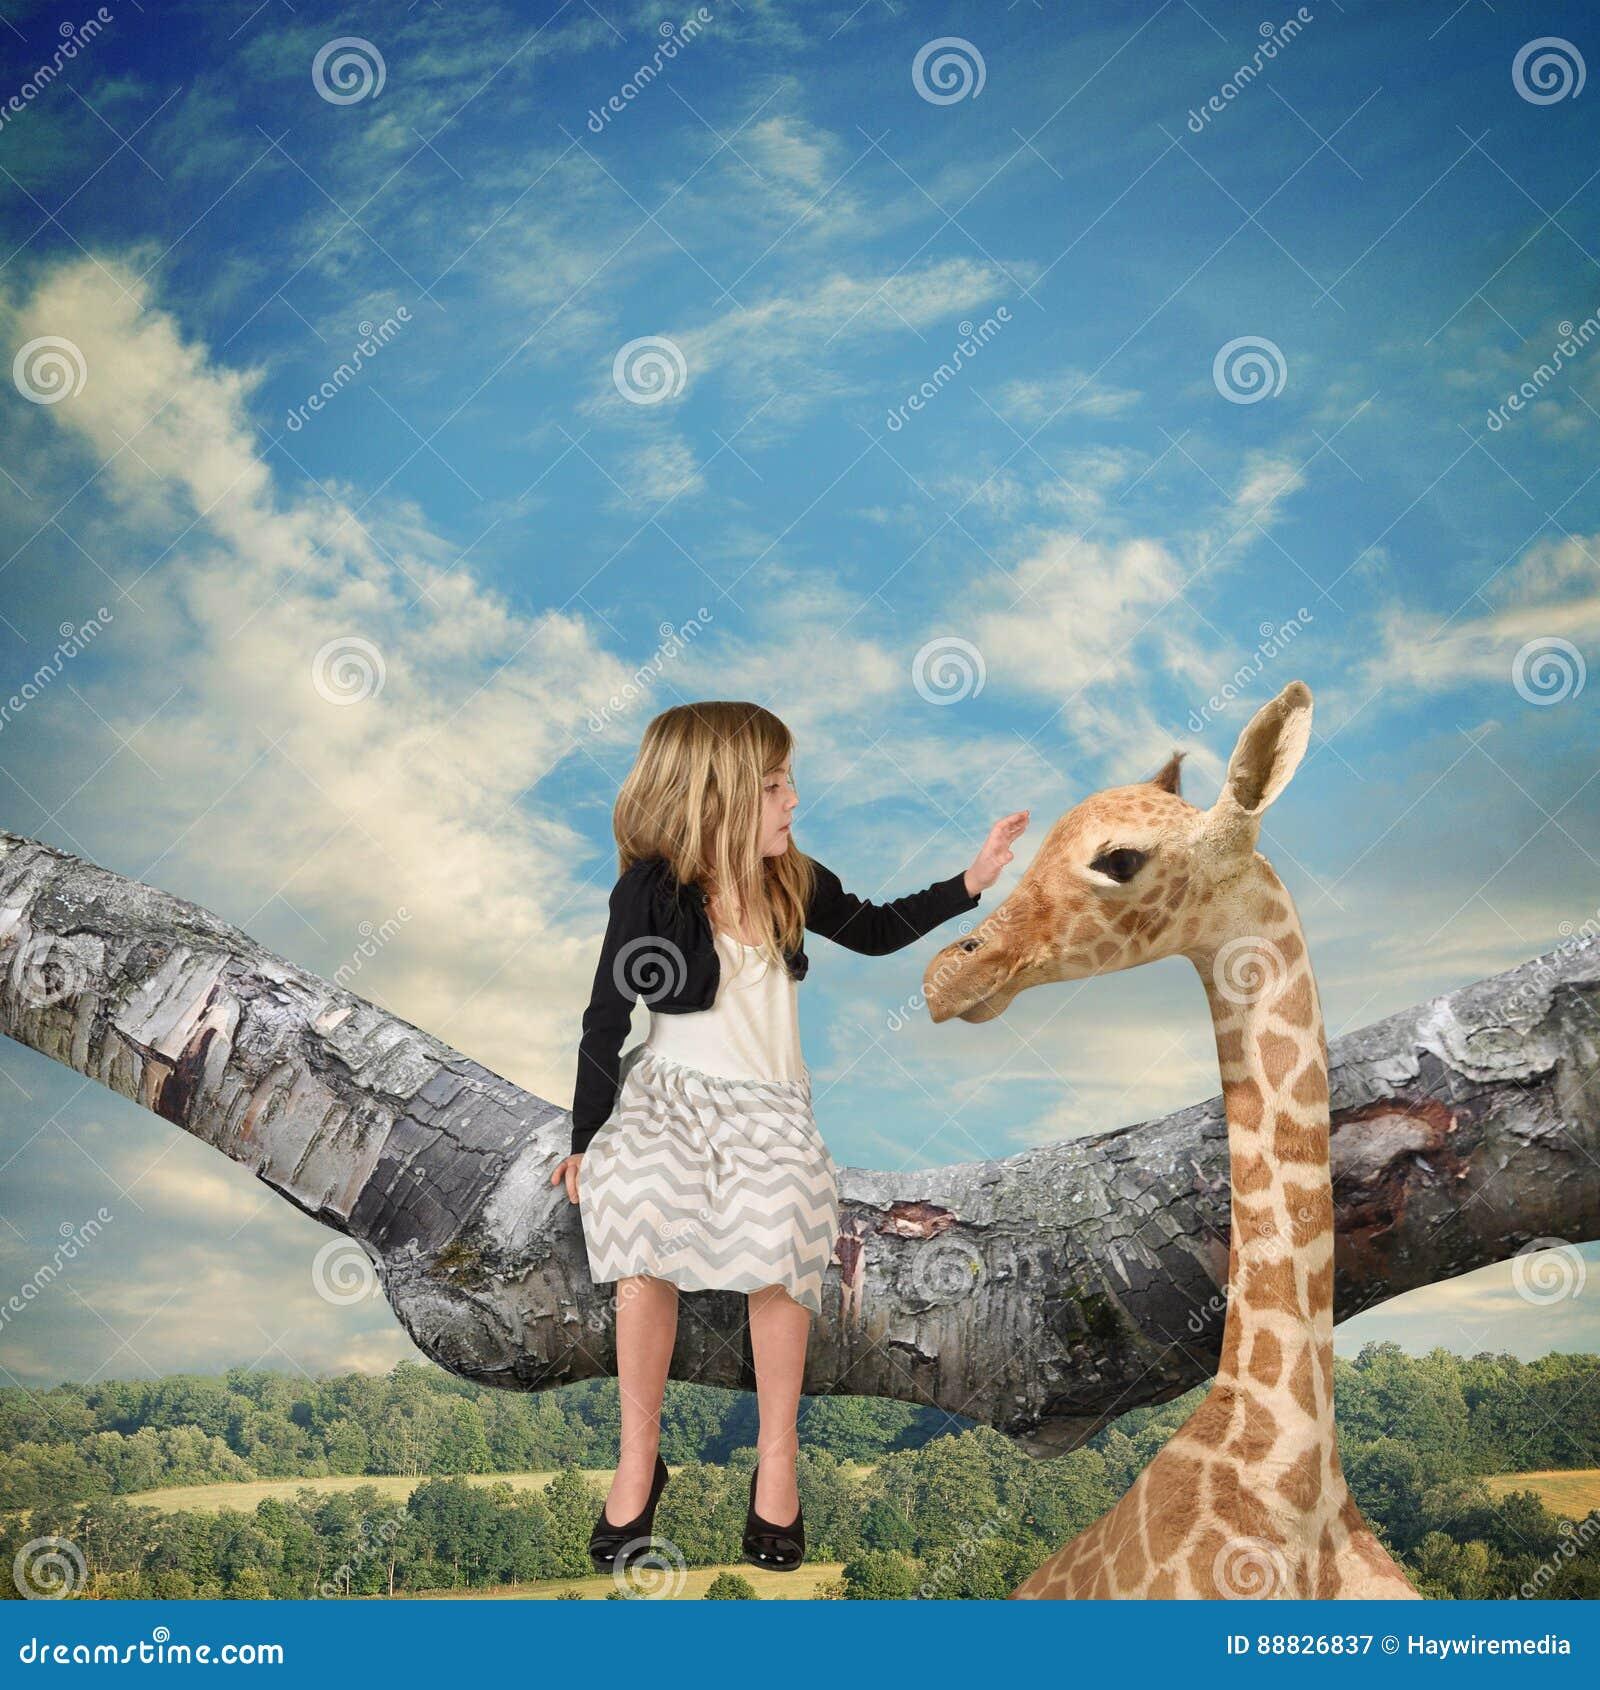 Giraffe Petting παιδιών ζώο στον κλάδο δέντρων